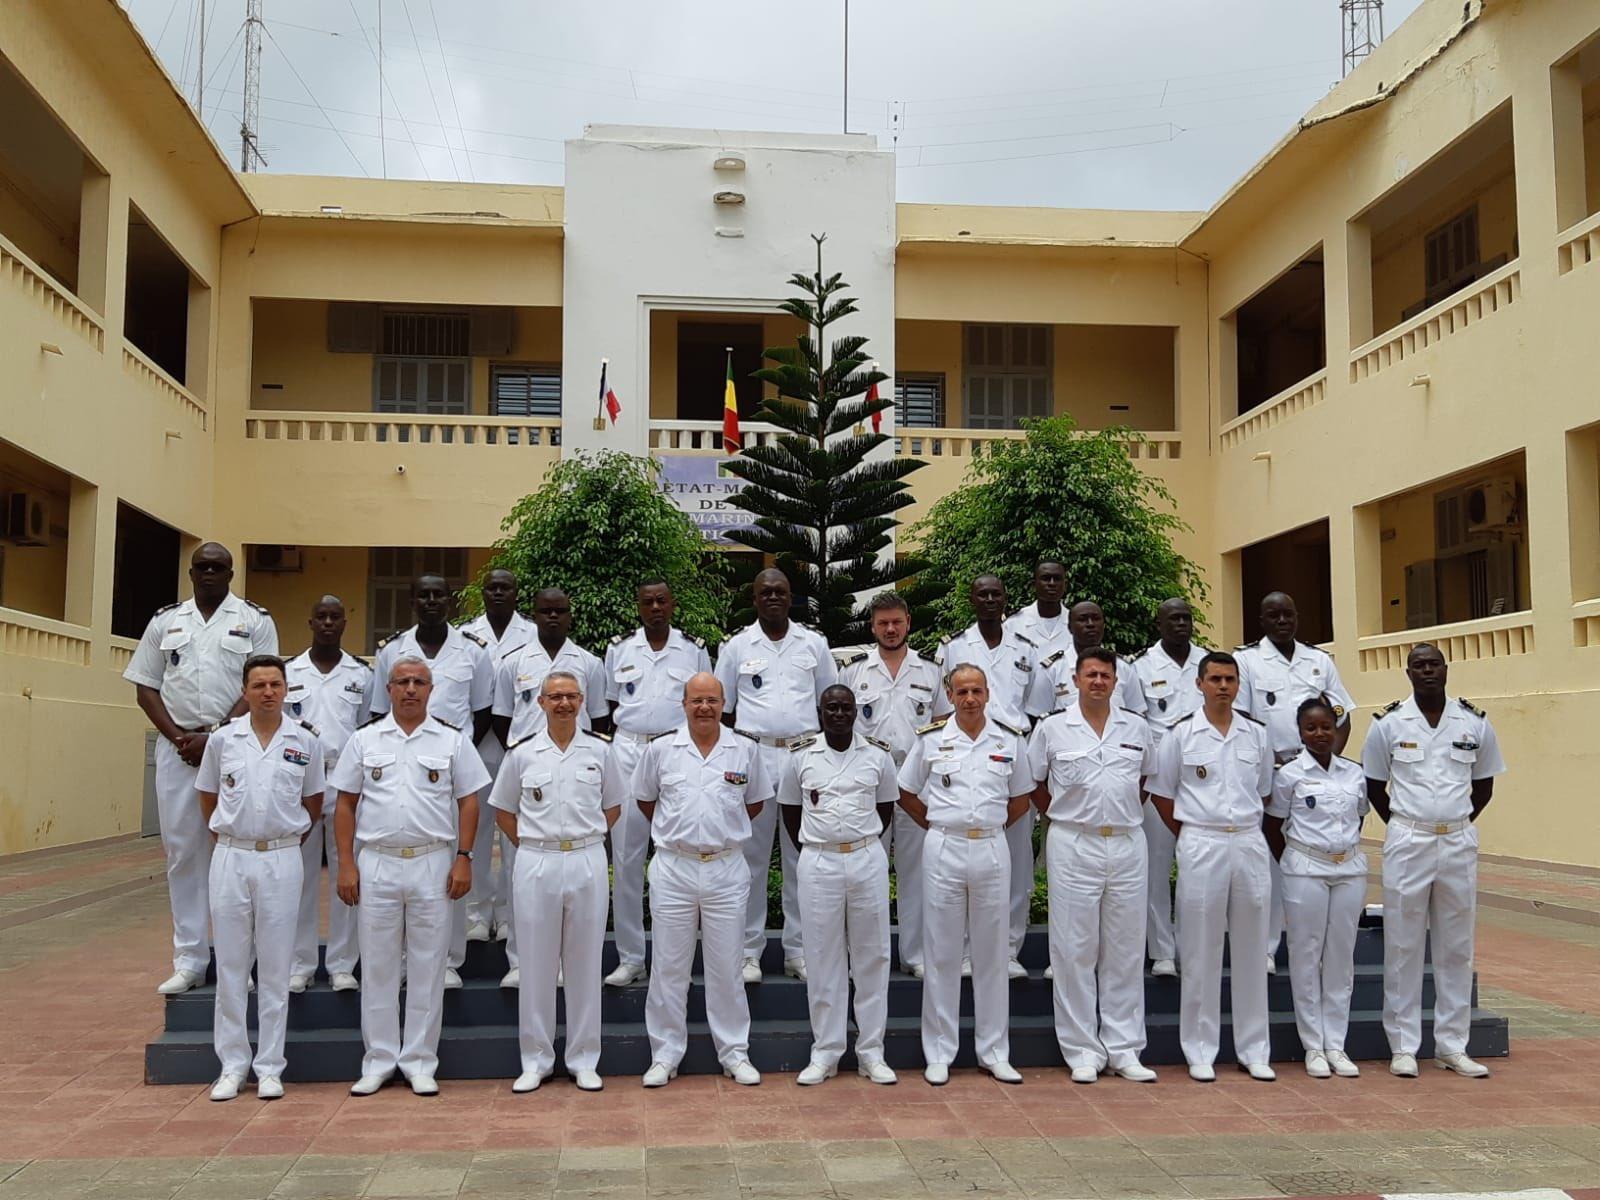 Informations et News sur la Marine Royale - Page 9 Efo_4412